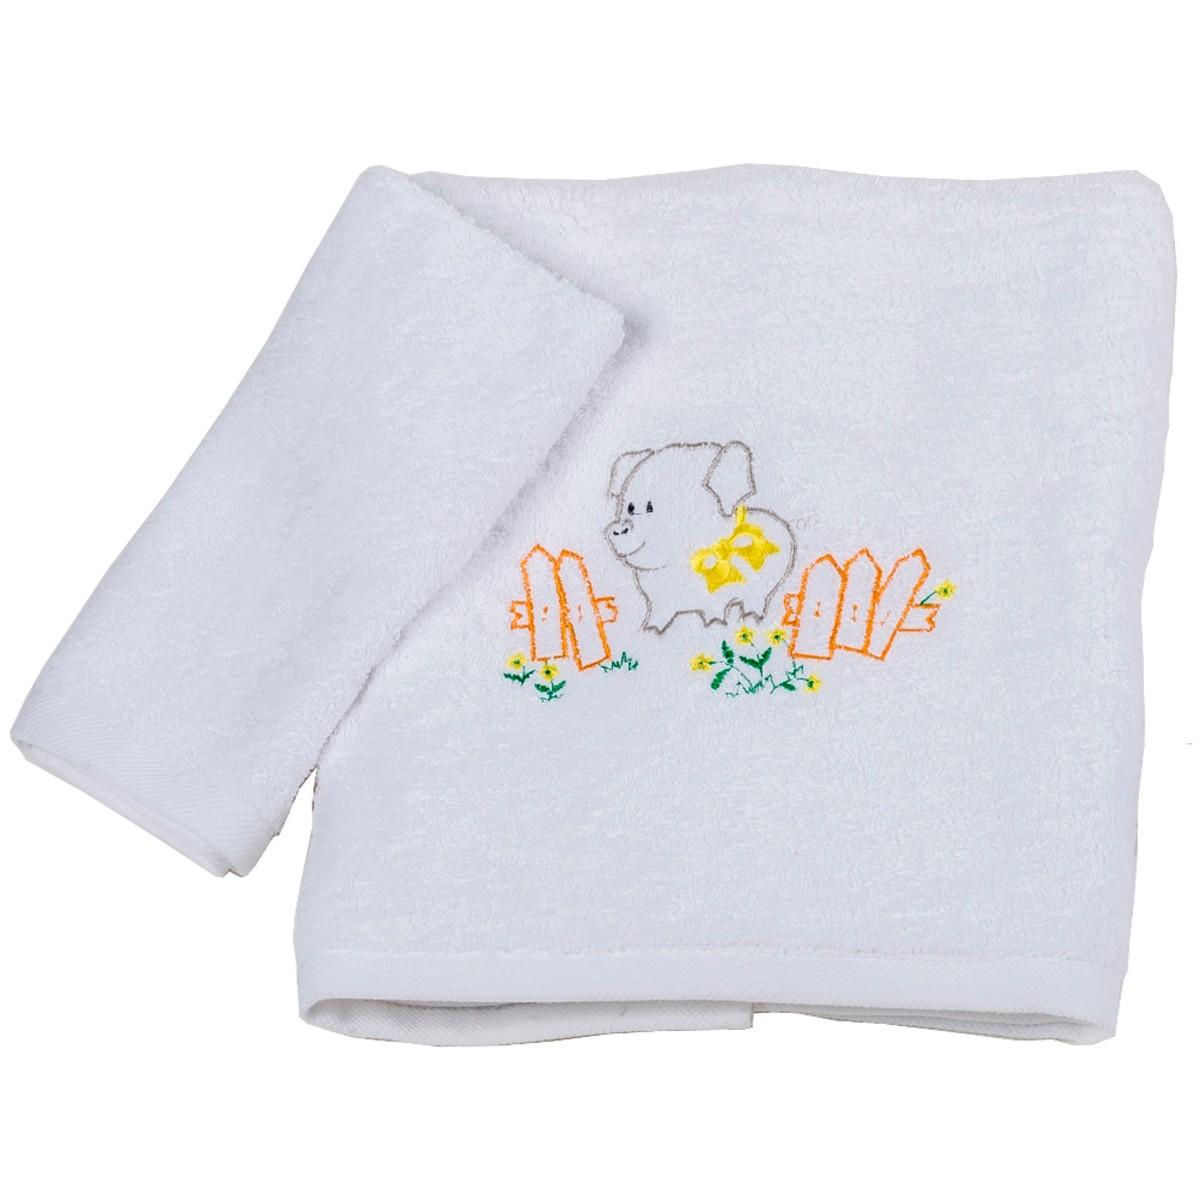 Βρεφικές Πετσέτες (Σετ 2τμχ) Κόσμος Του Μωρού Pig 0502 Γκρι 74639